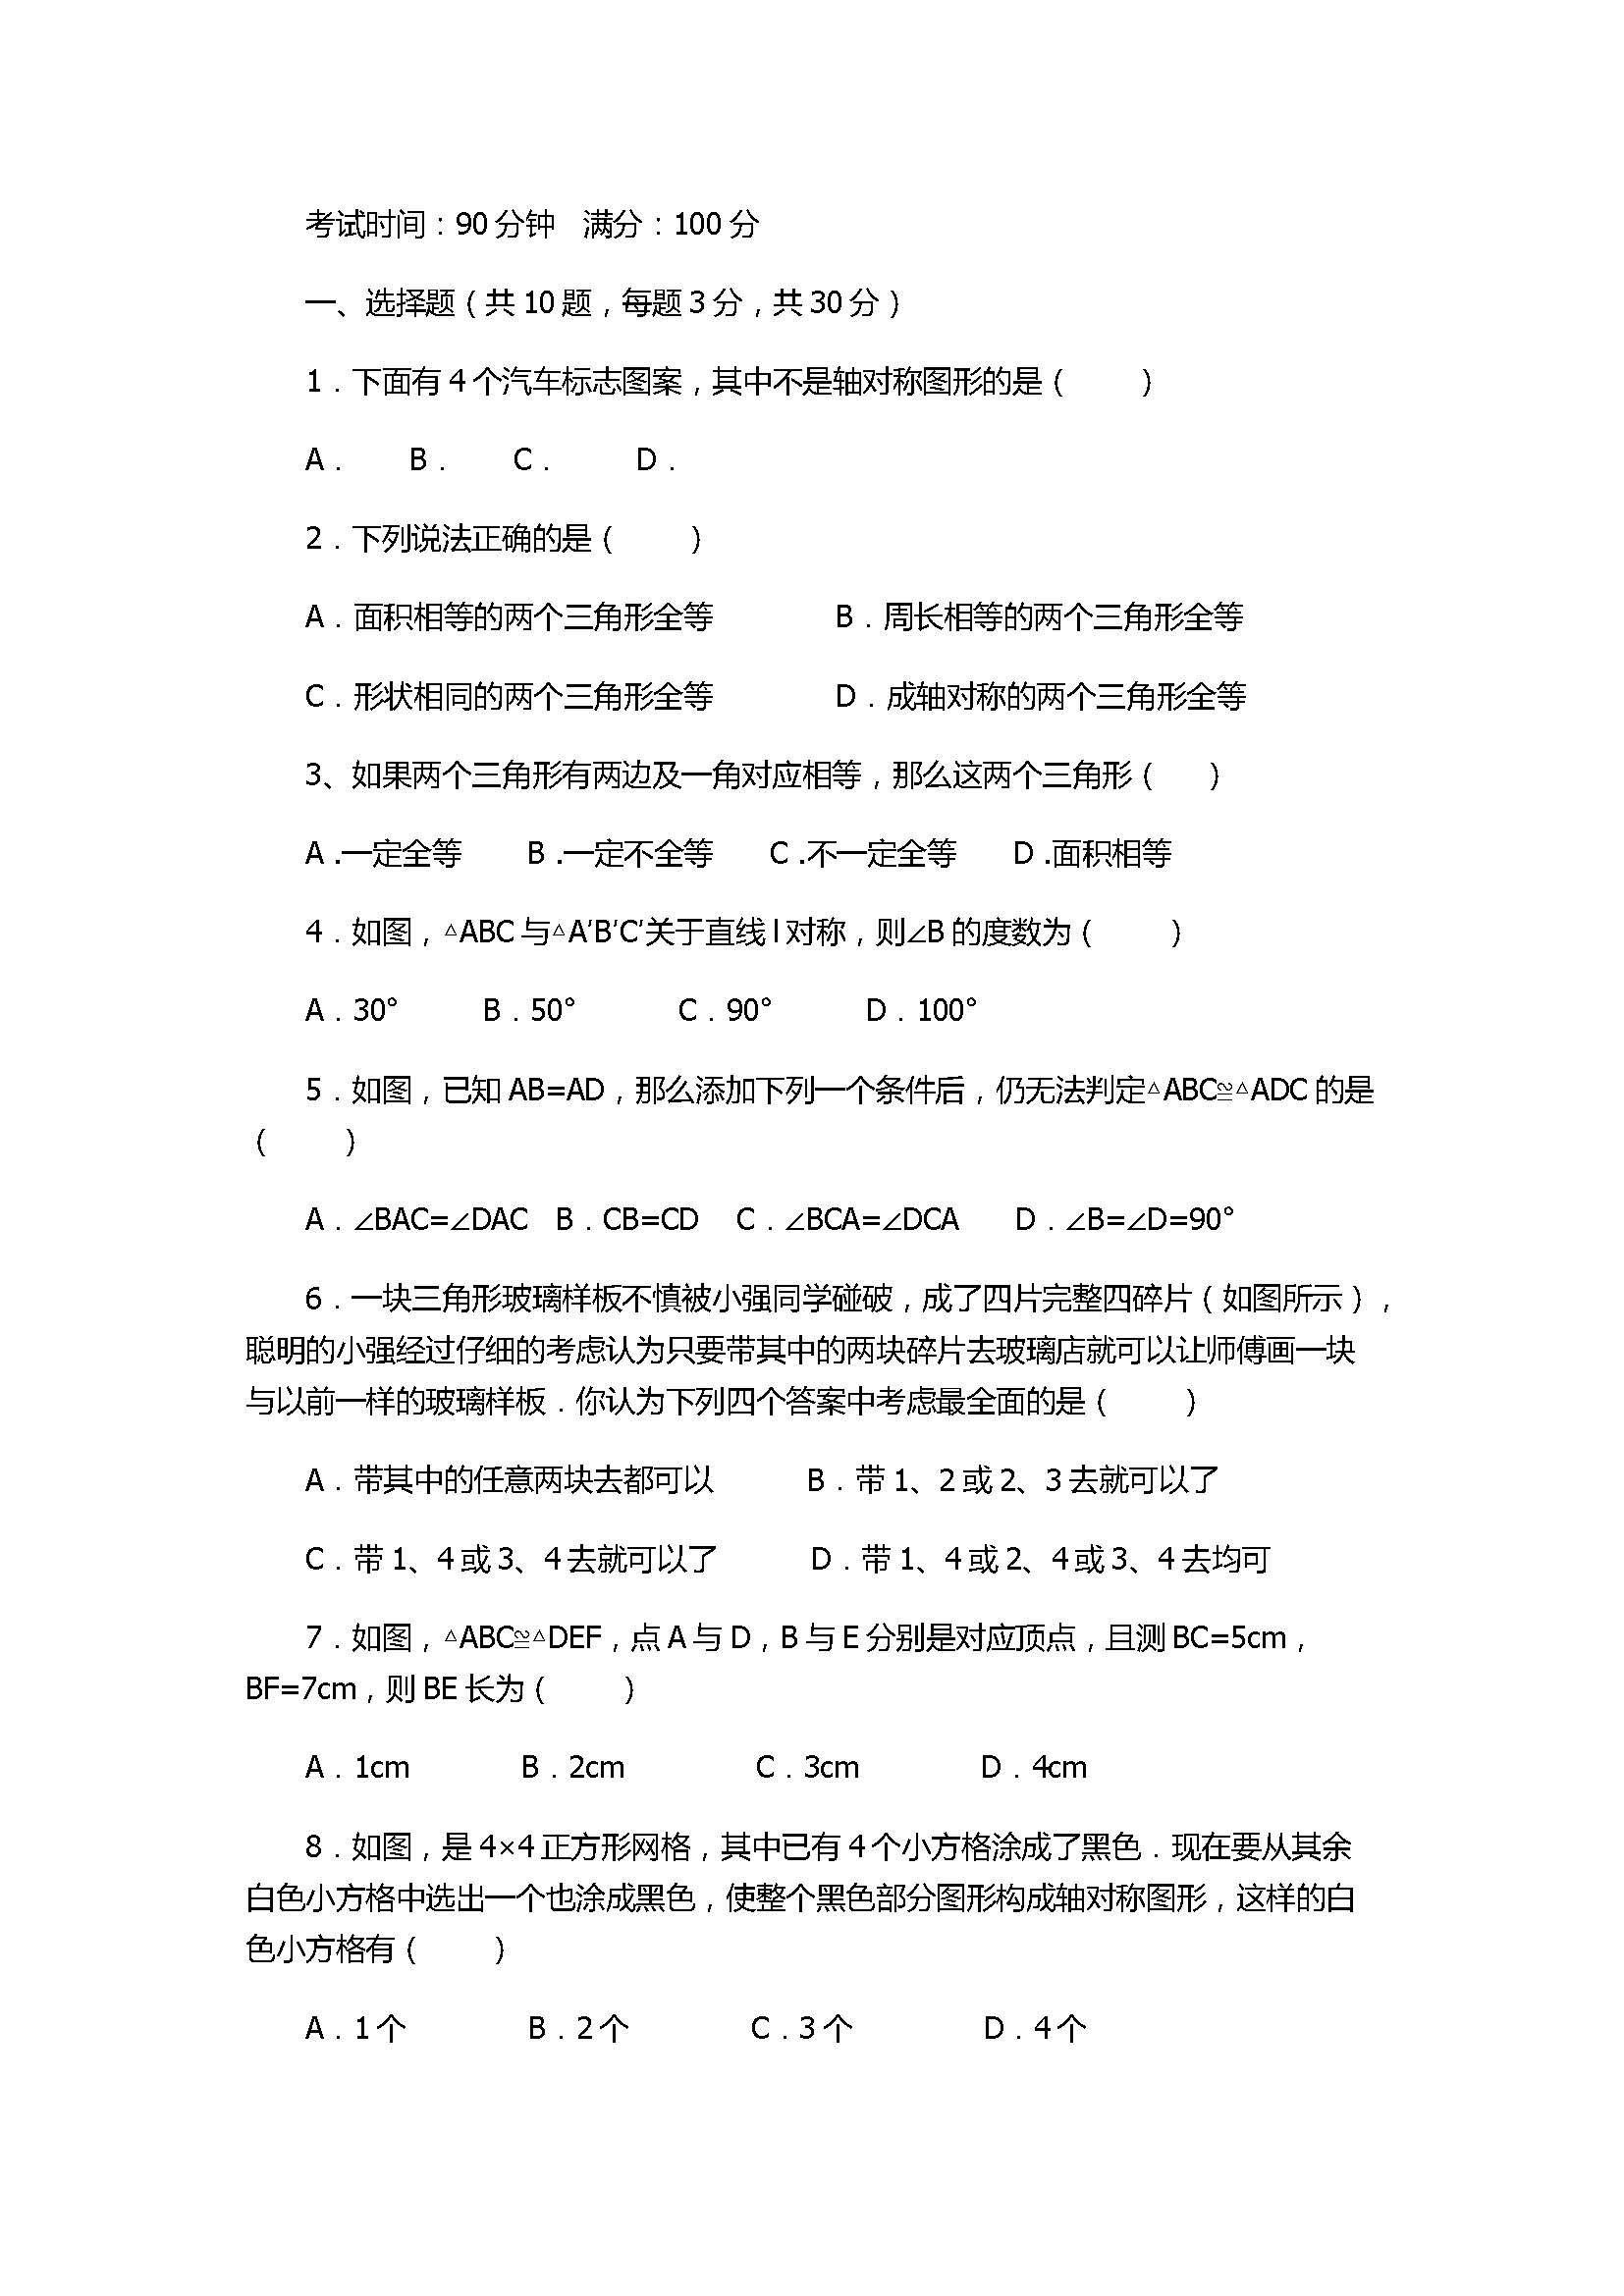 2017八年级数学上册第1次月考测试卷附参考答案(江苏省宜兴市)